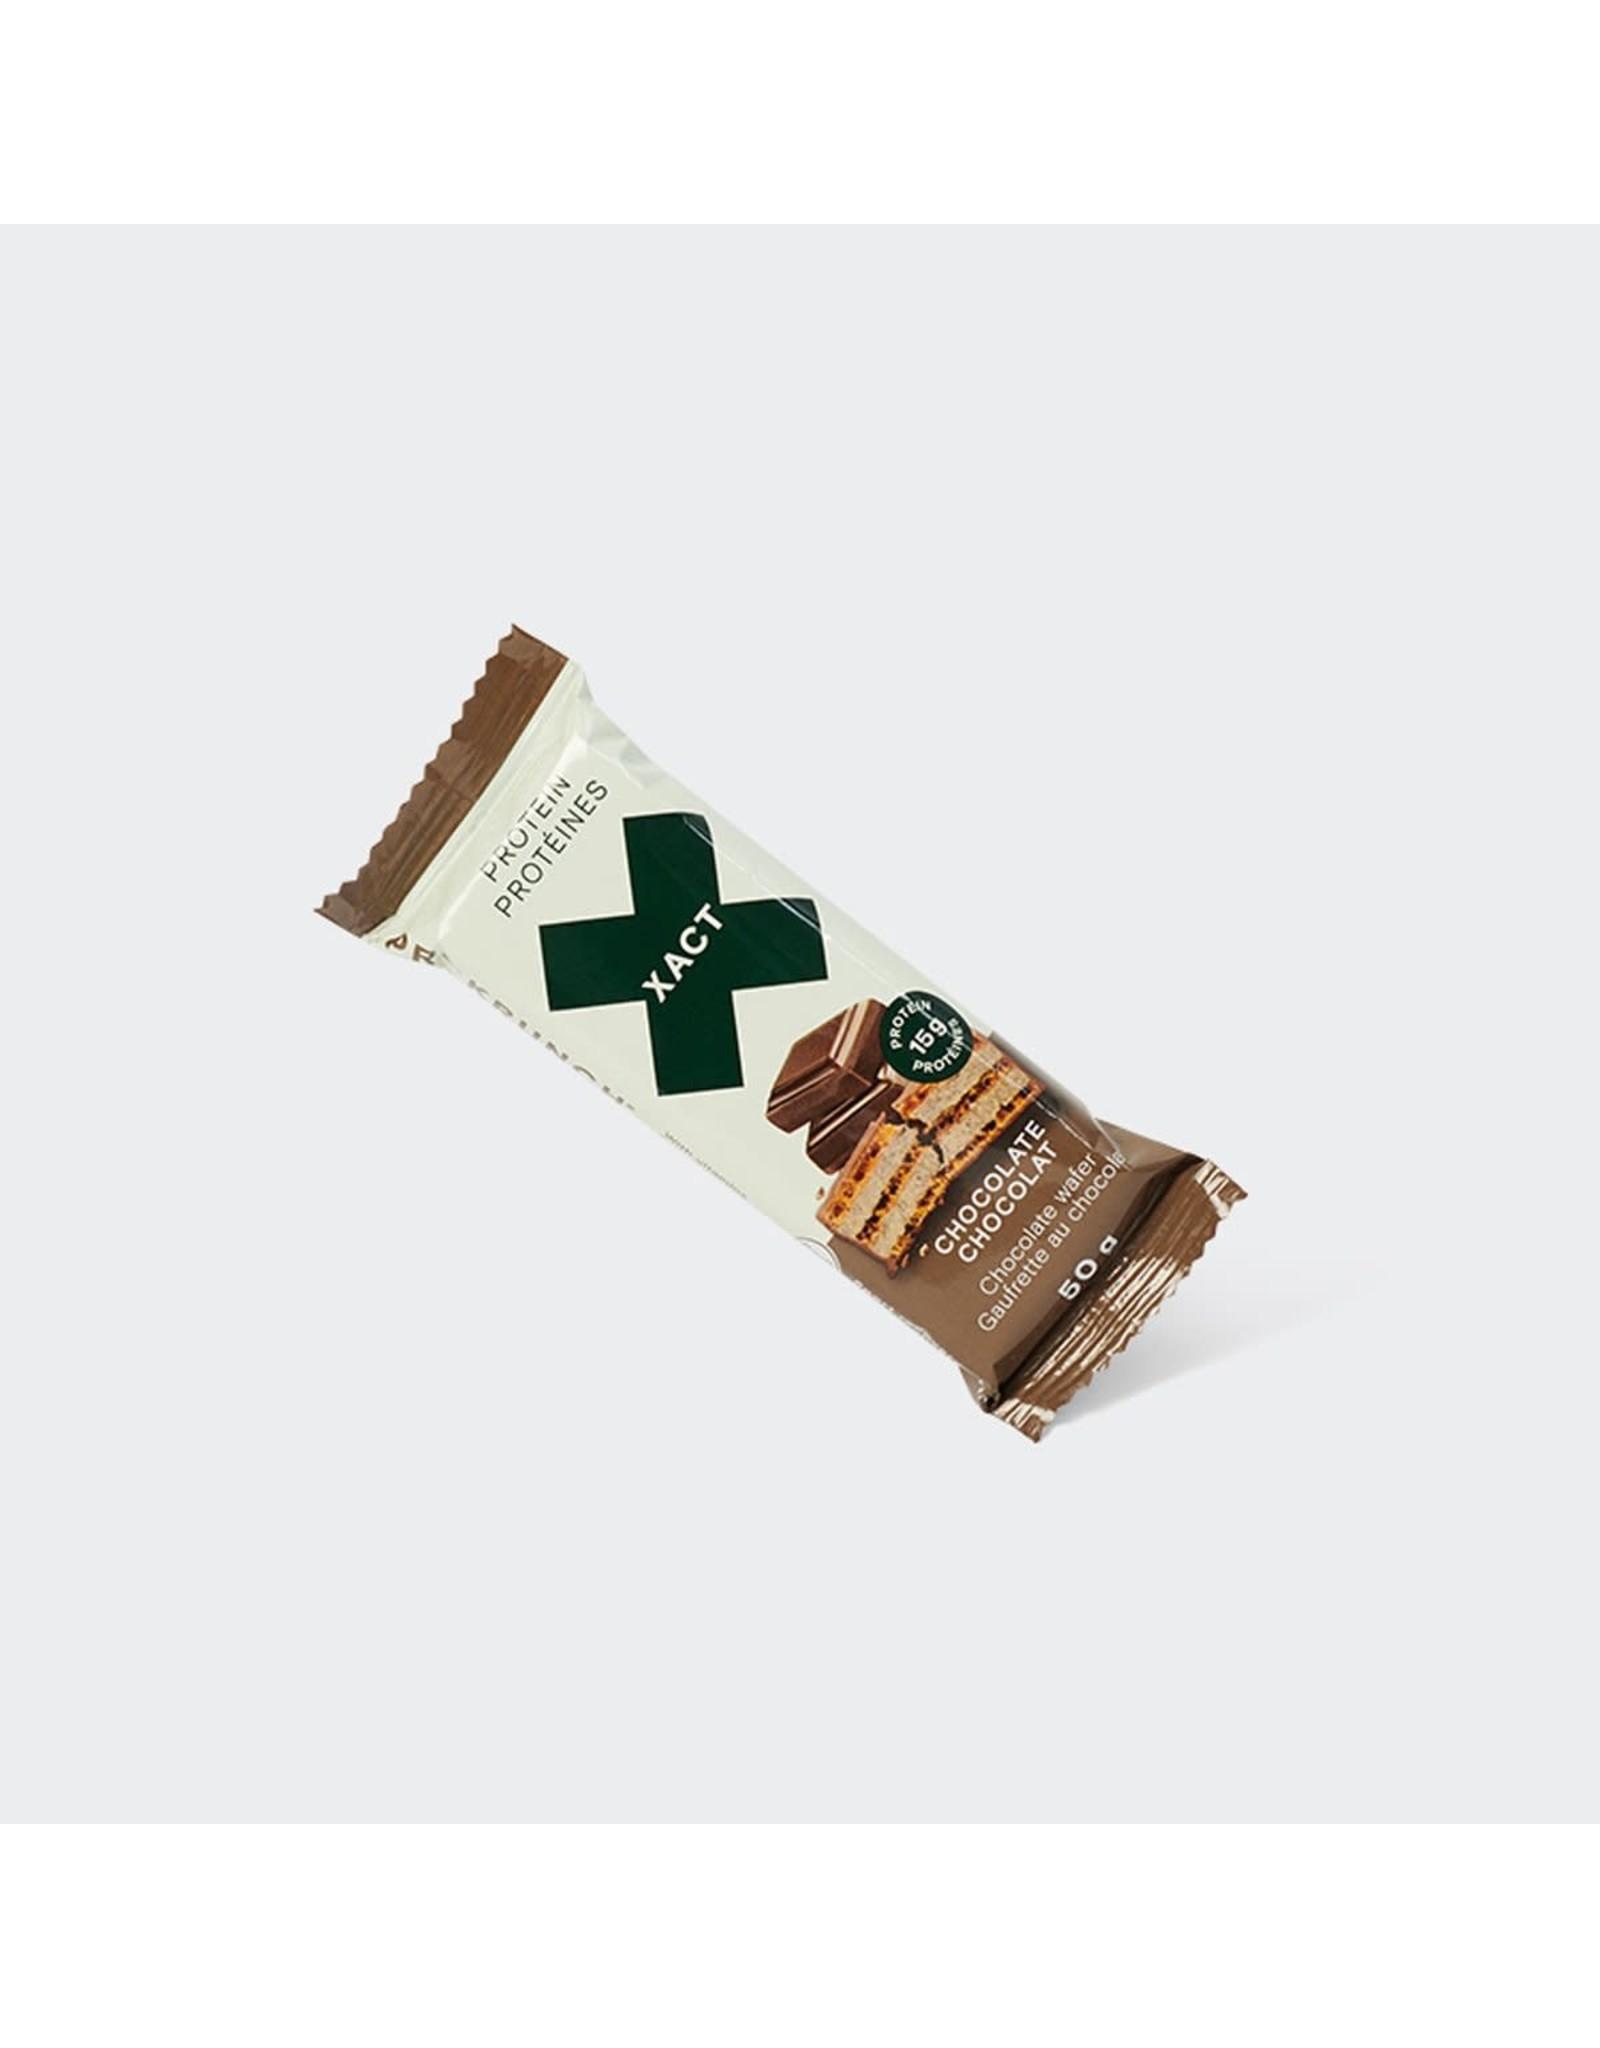 Xact XACT, Pro Krunch Bar, Chocolate